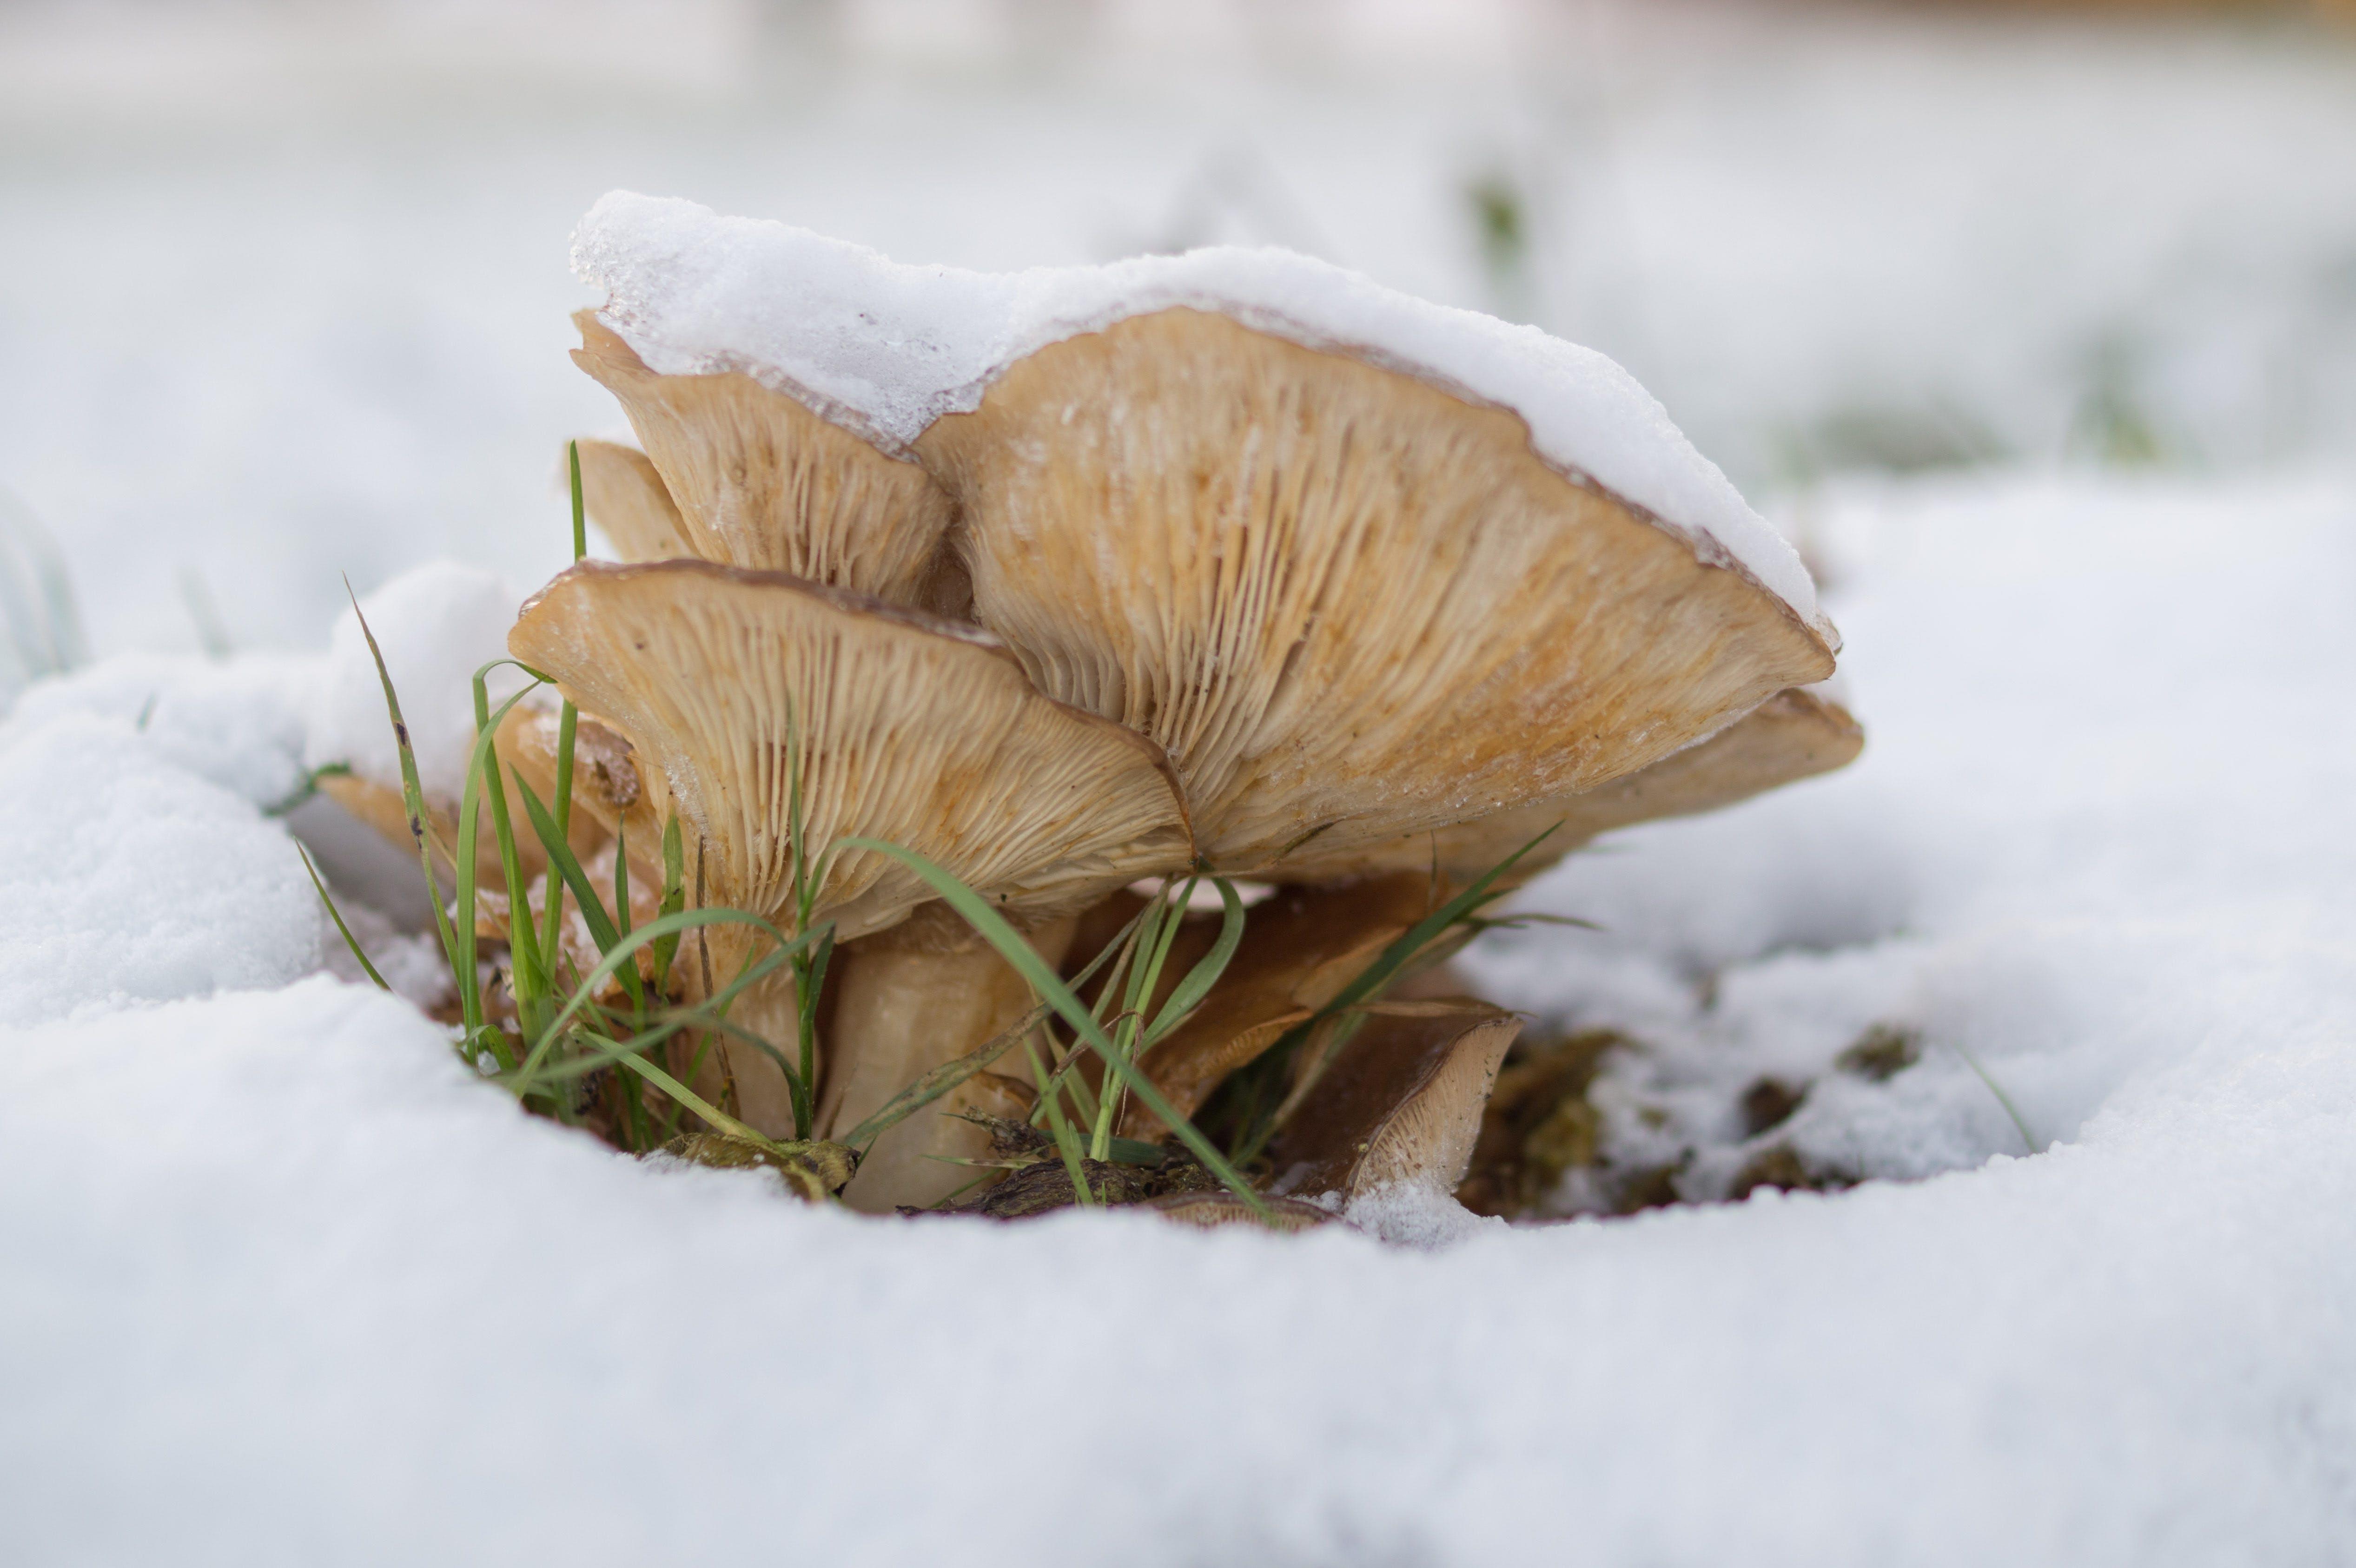 Brown Mushroom on Snow